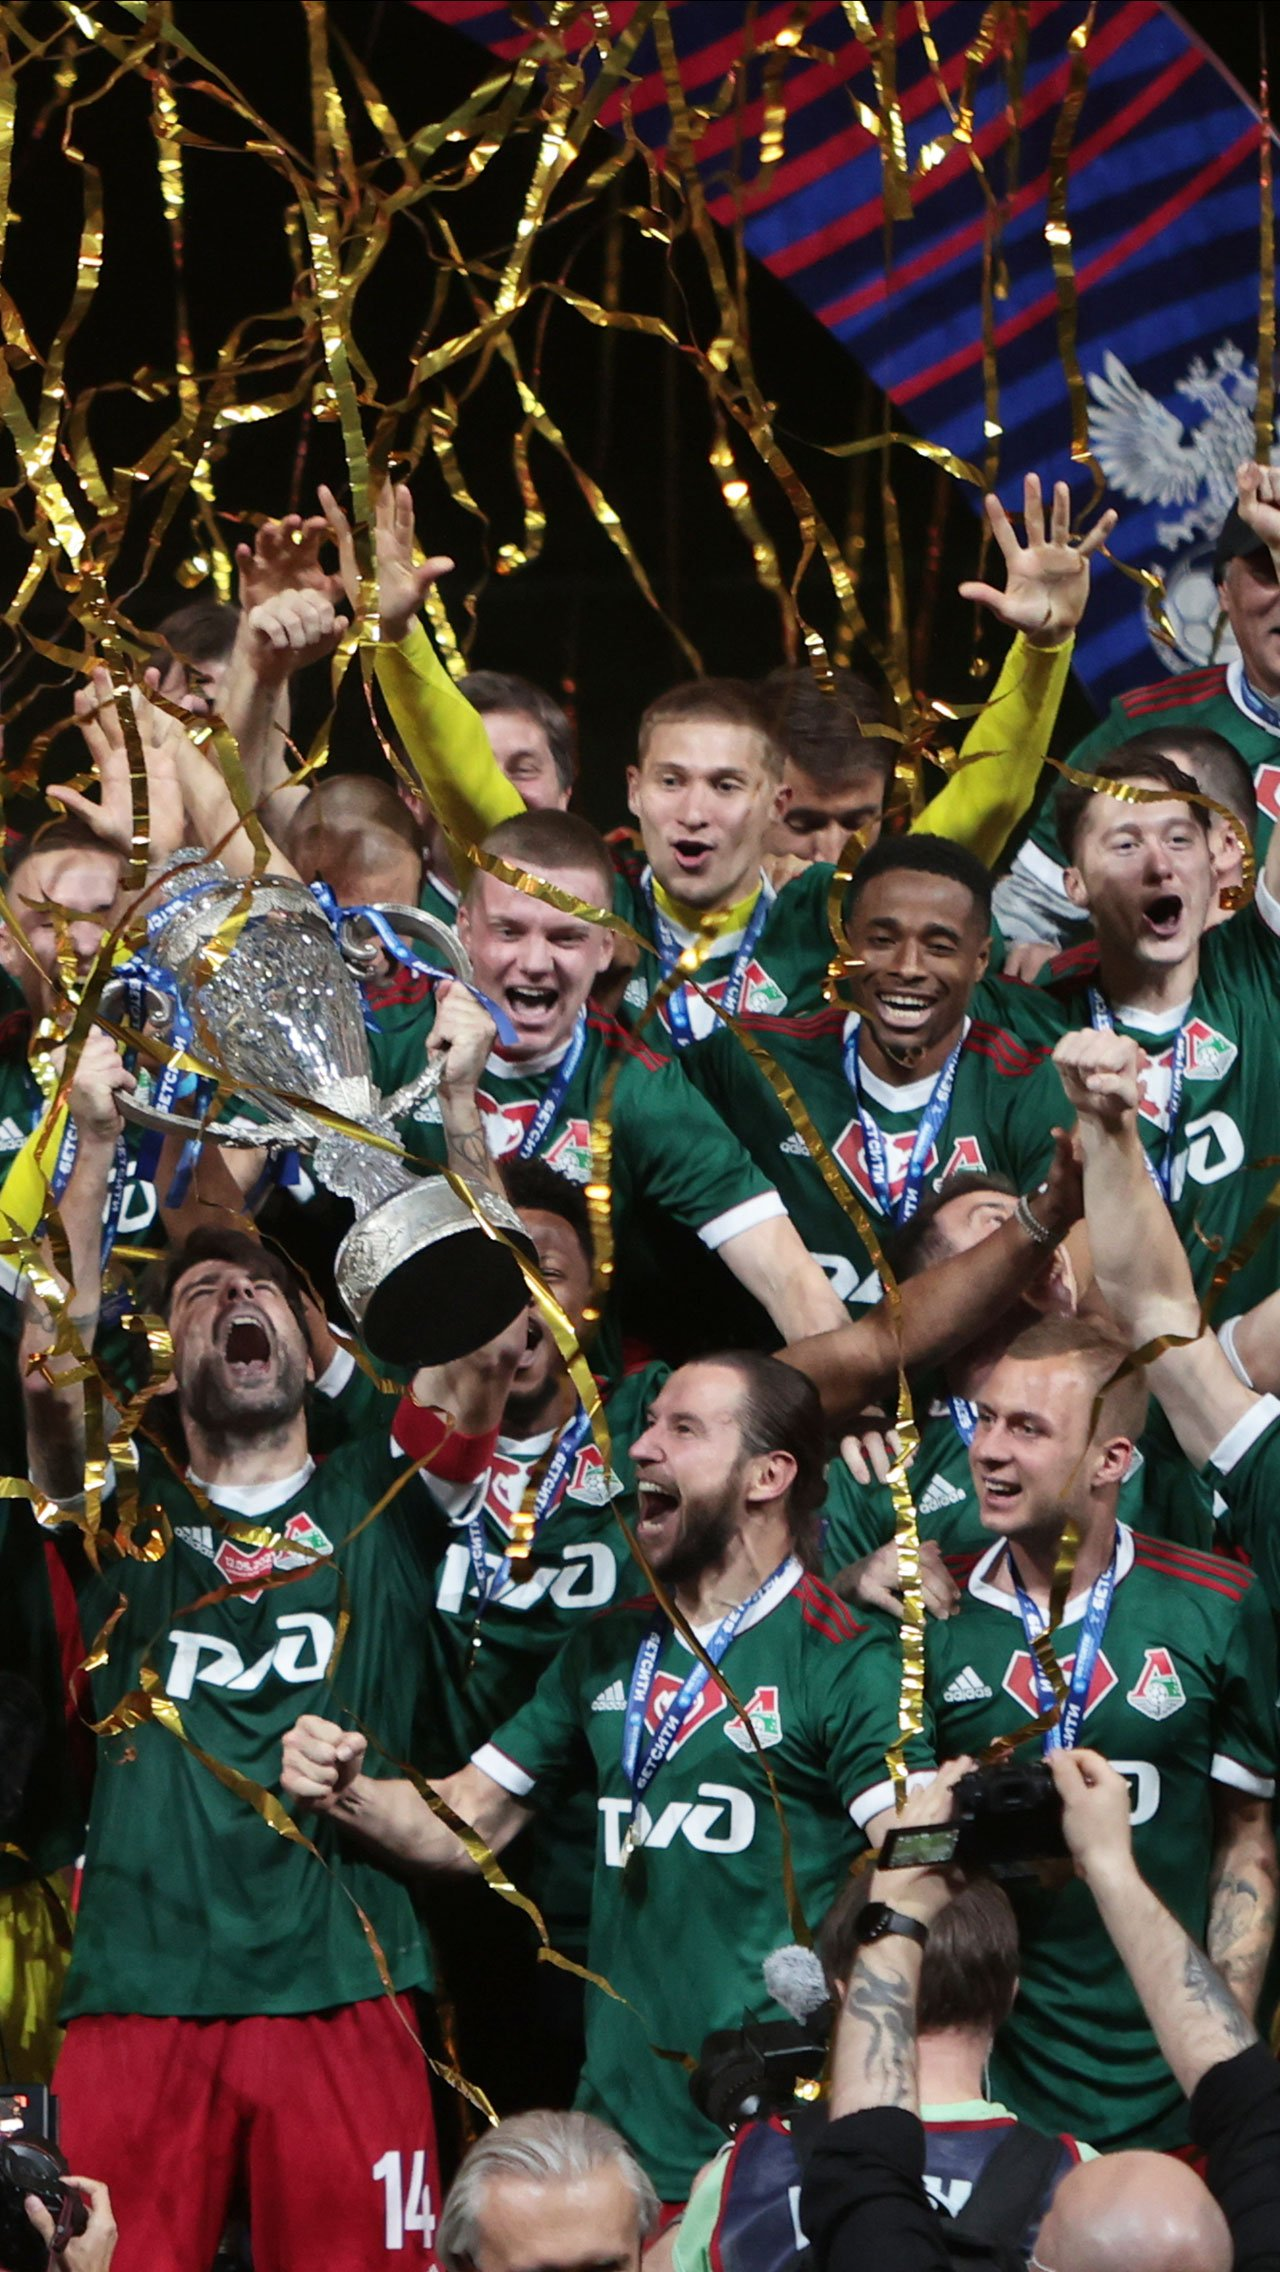 Марко Николич выиграл первый трофей с «Локомотивом» и пятый в своей карьере.